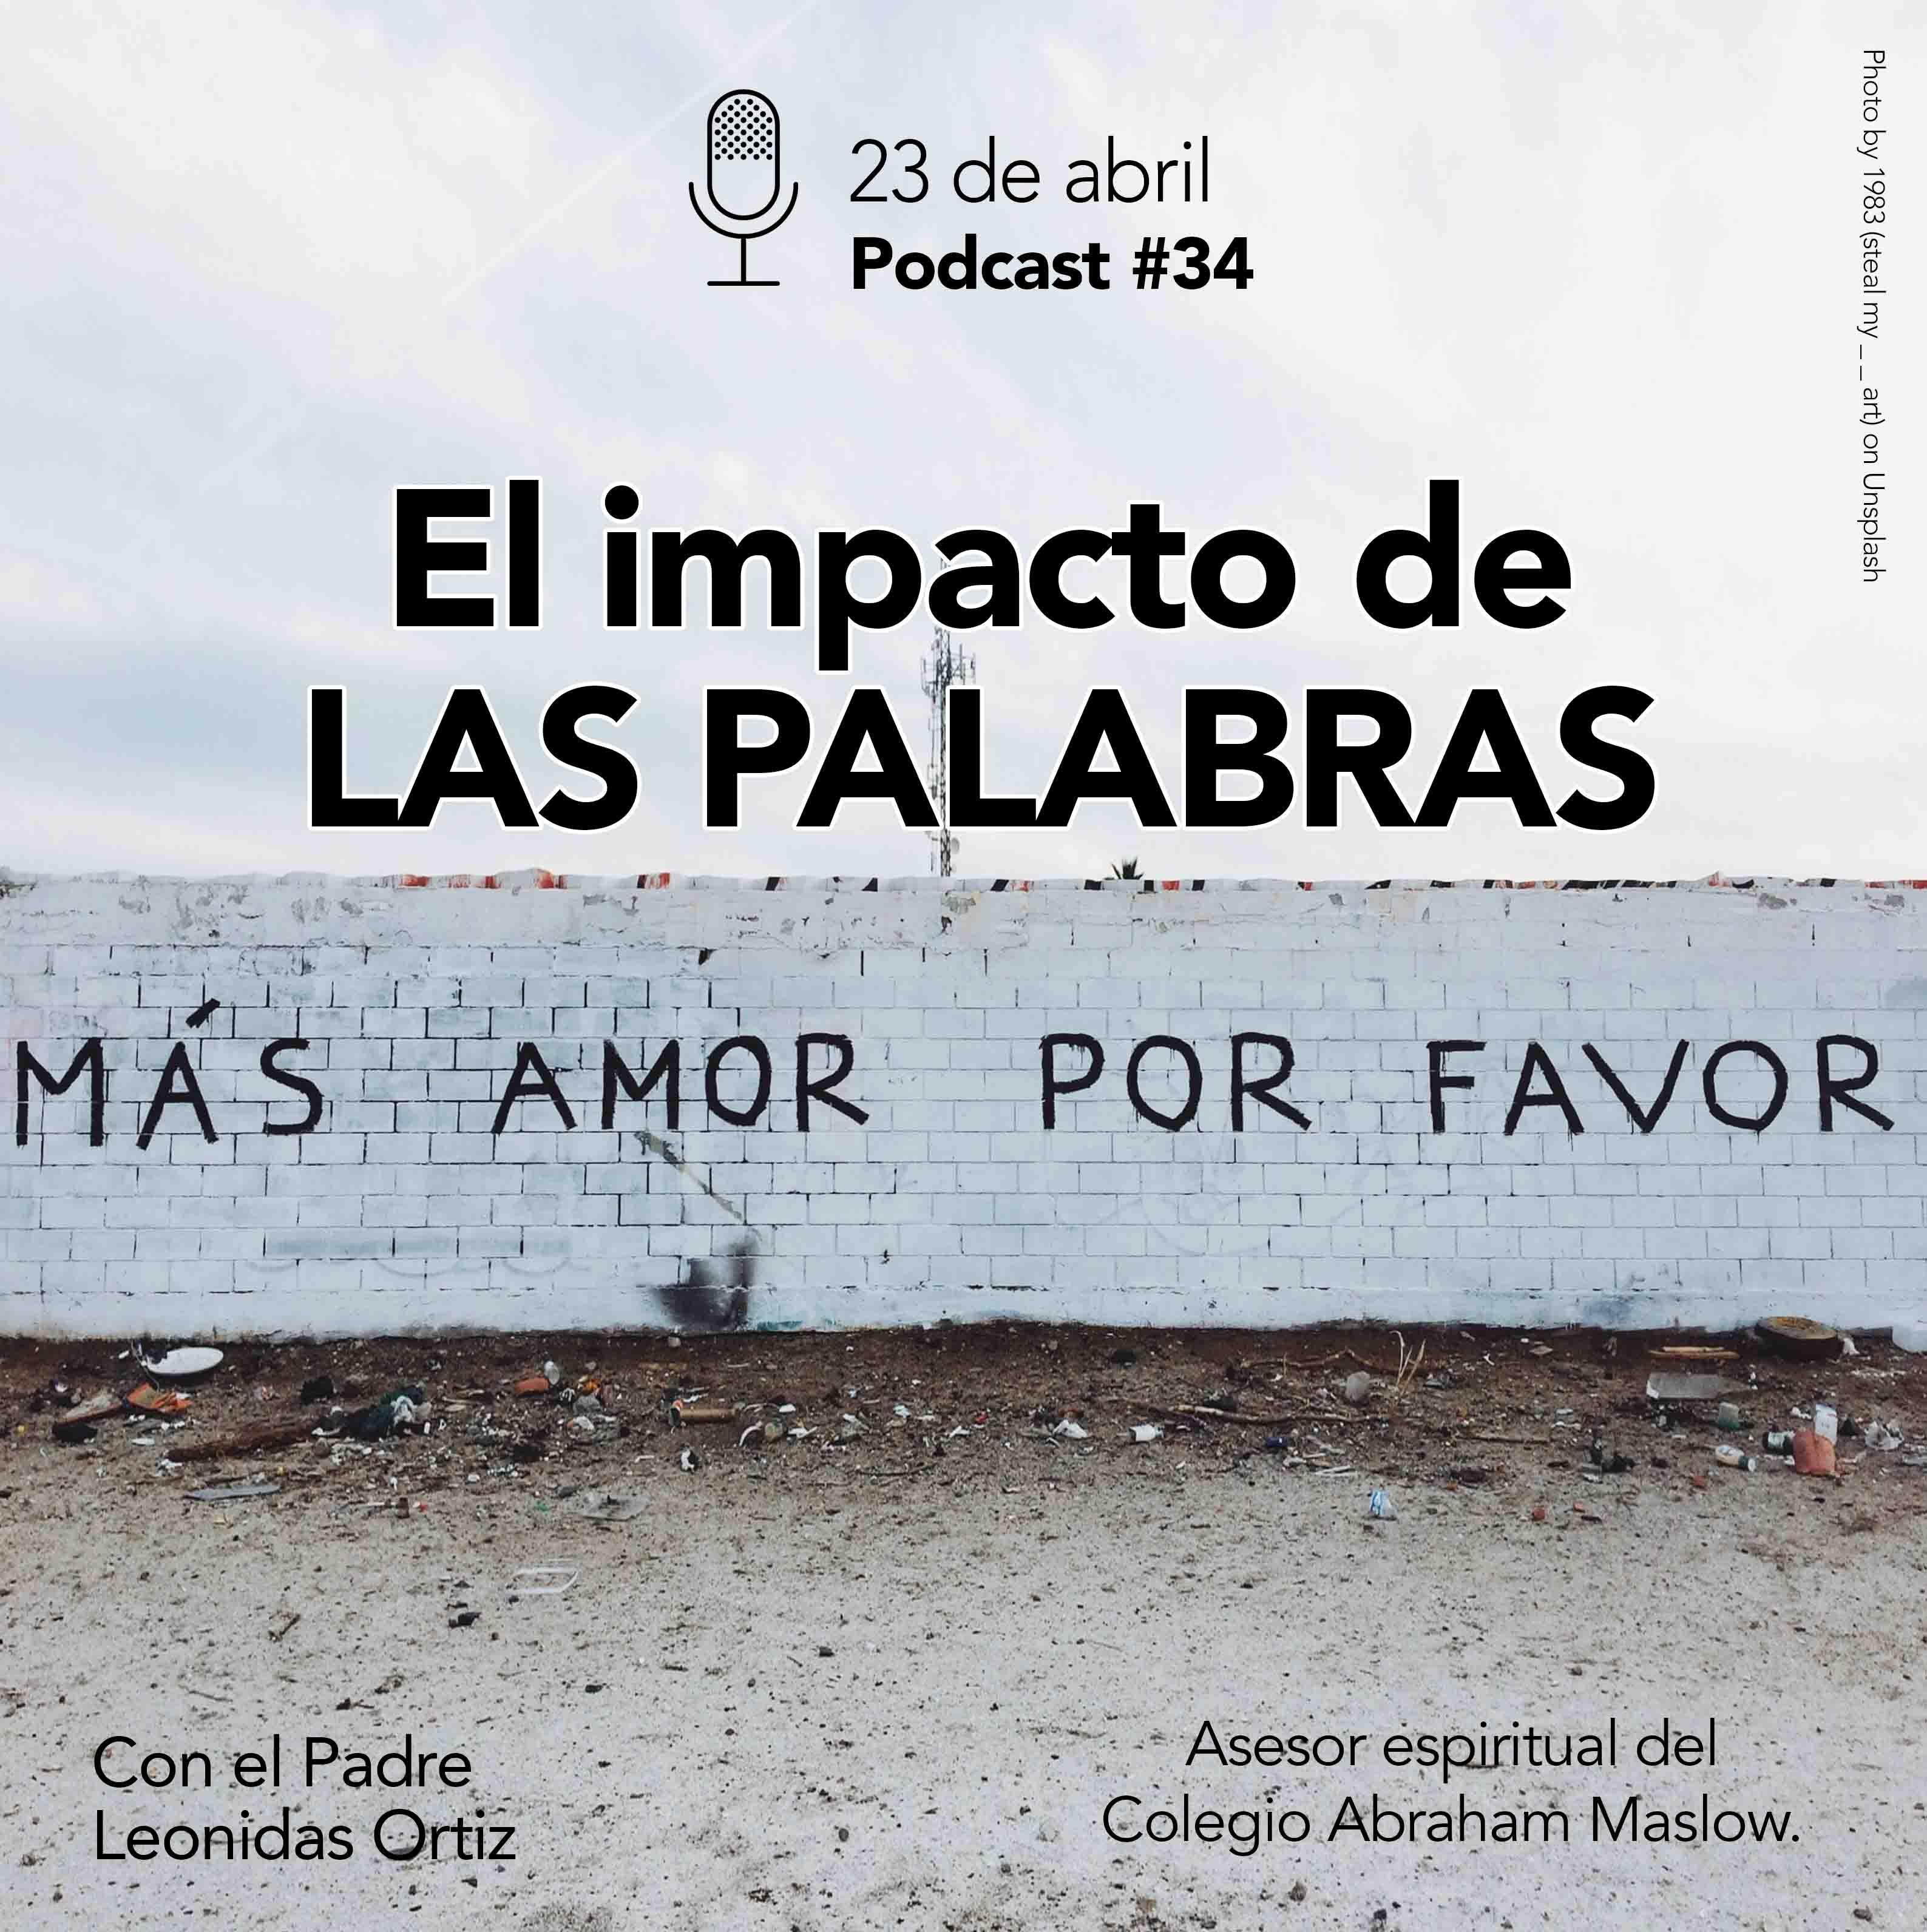 Podcast #34: El Impacto de la Palabras